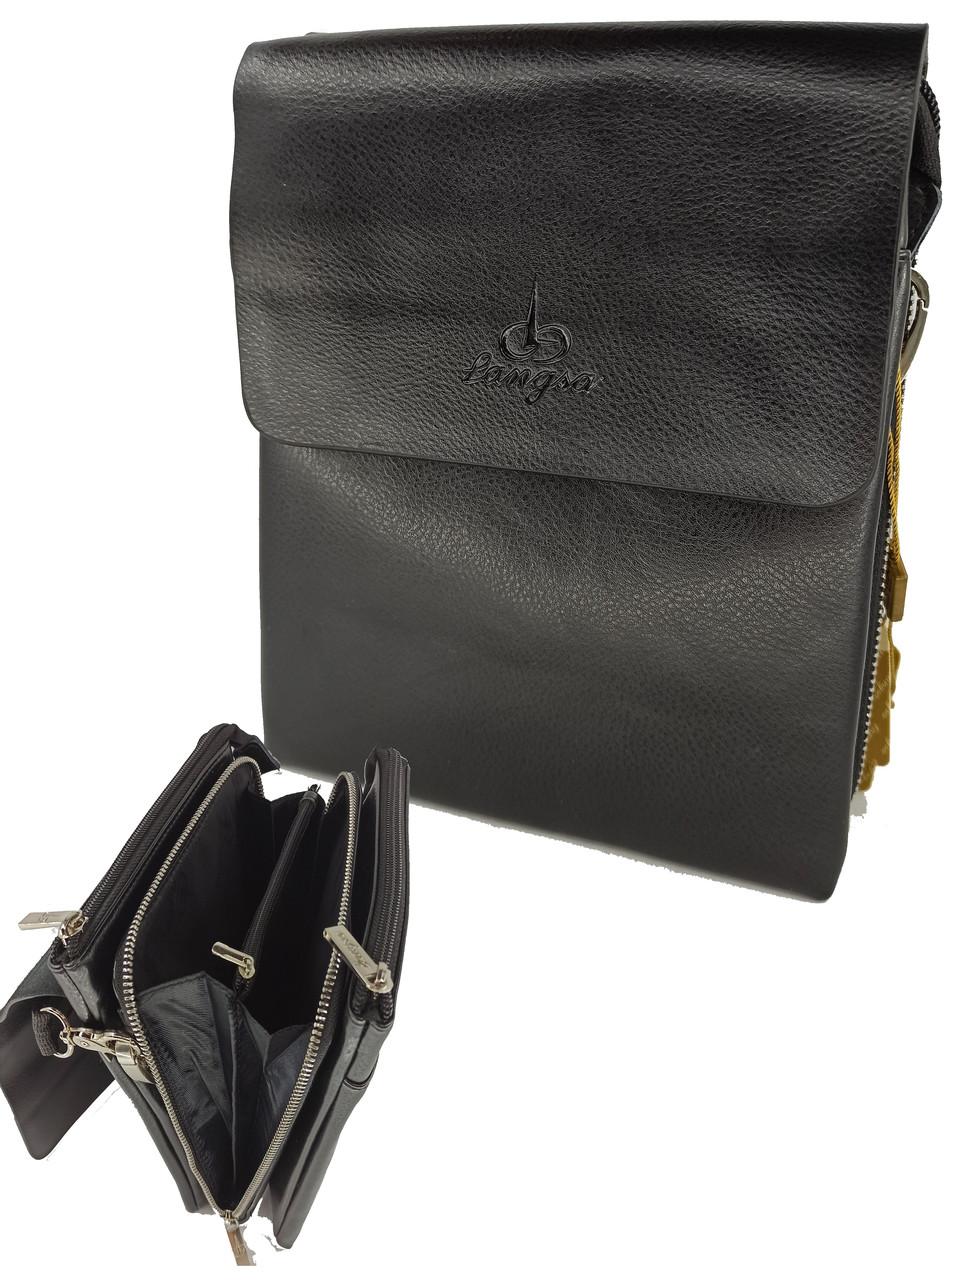 Мужская кожаная сумка через плечо Langsa 88846-1